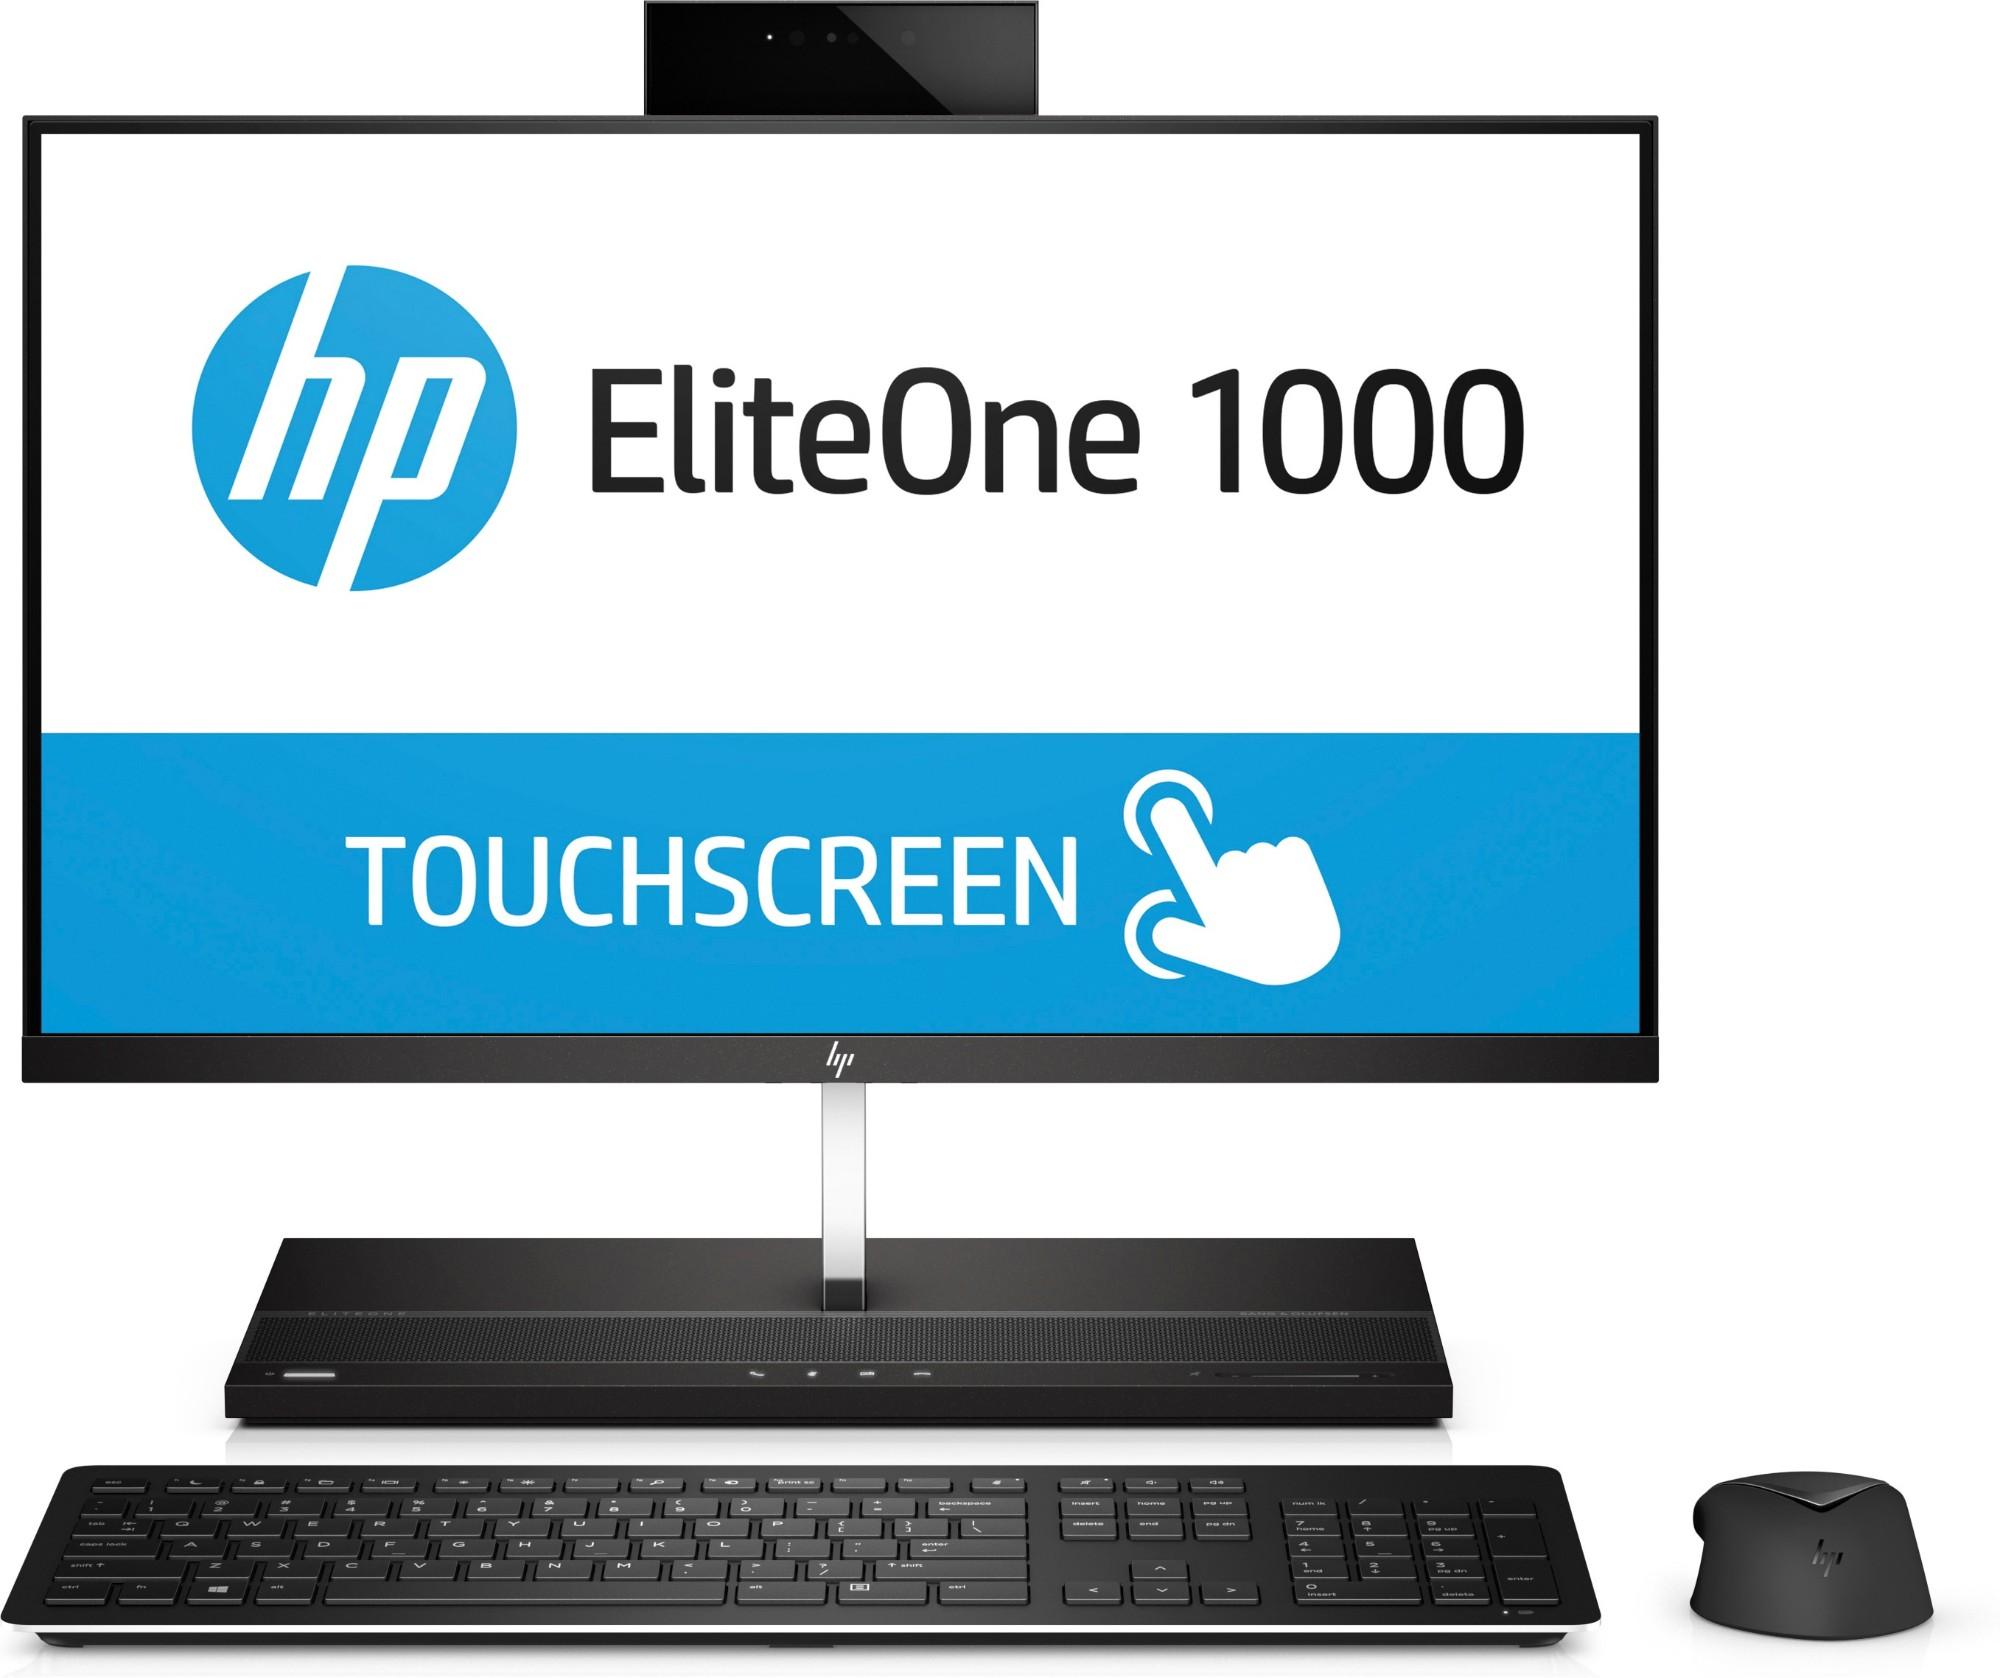 HP EliteOne 1000 G1 AiO - 24in - i5 7500 - 8GB RAM - 256GB SSD - Win10 Pro